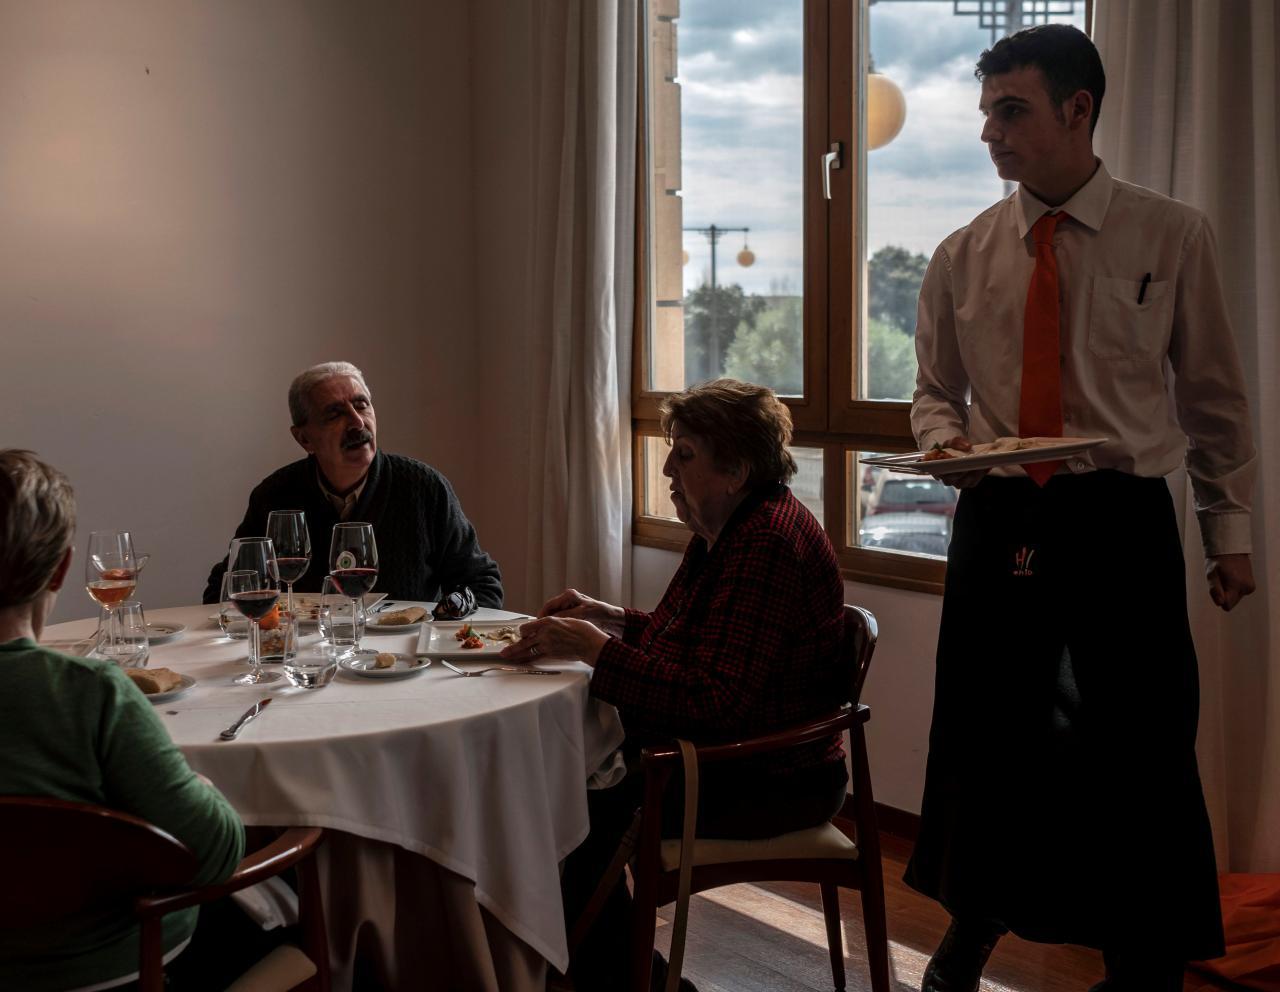 Comer sin los ojos: enseñan a estudiantes de Hostelería cómo atender a ciegos